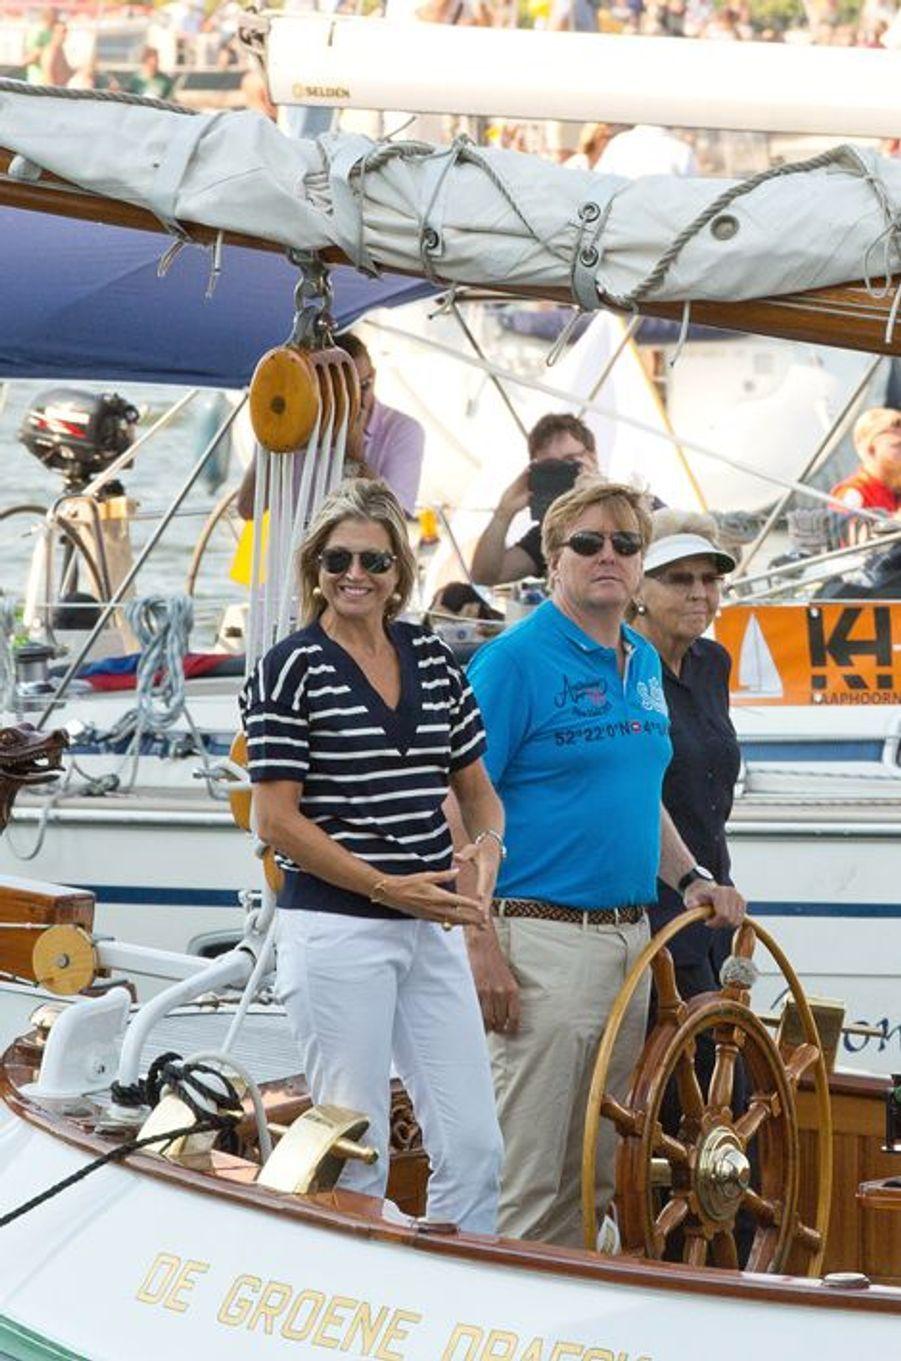 La reine Maxima et le roi Willem-Alexander des Pays-Bas au Sail Amsterdam, le 22 août 2015